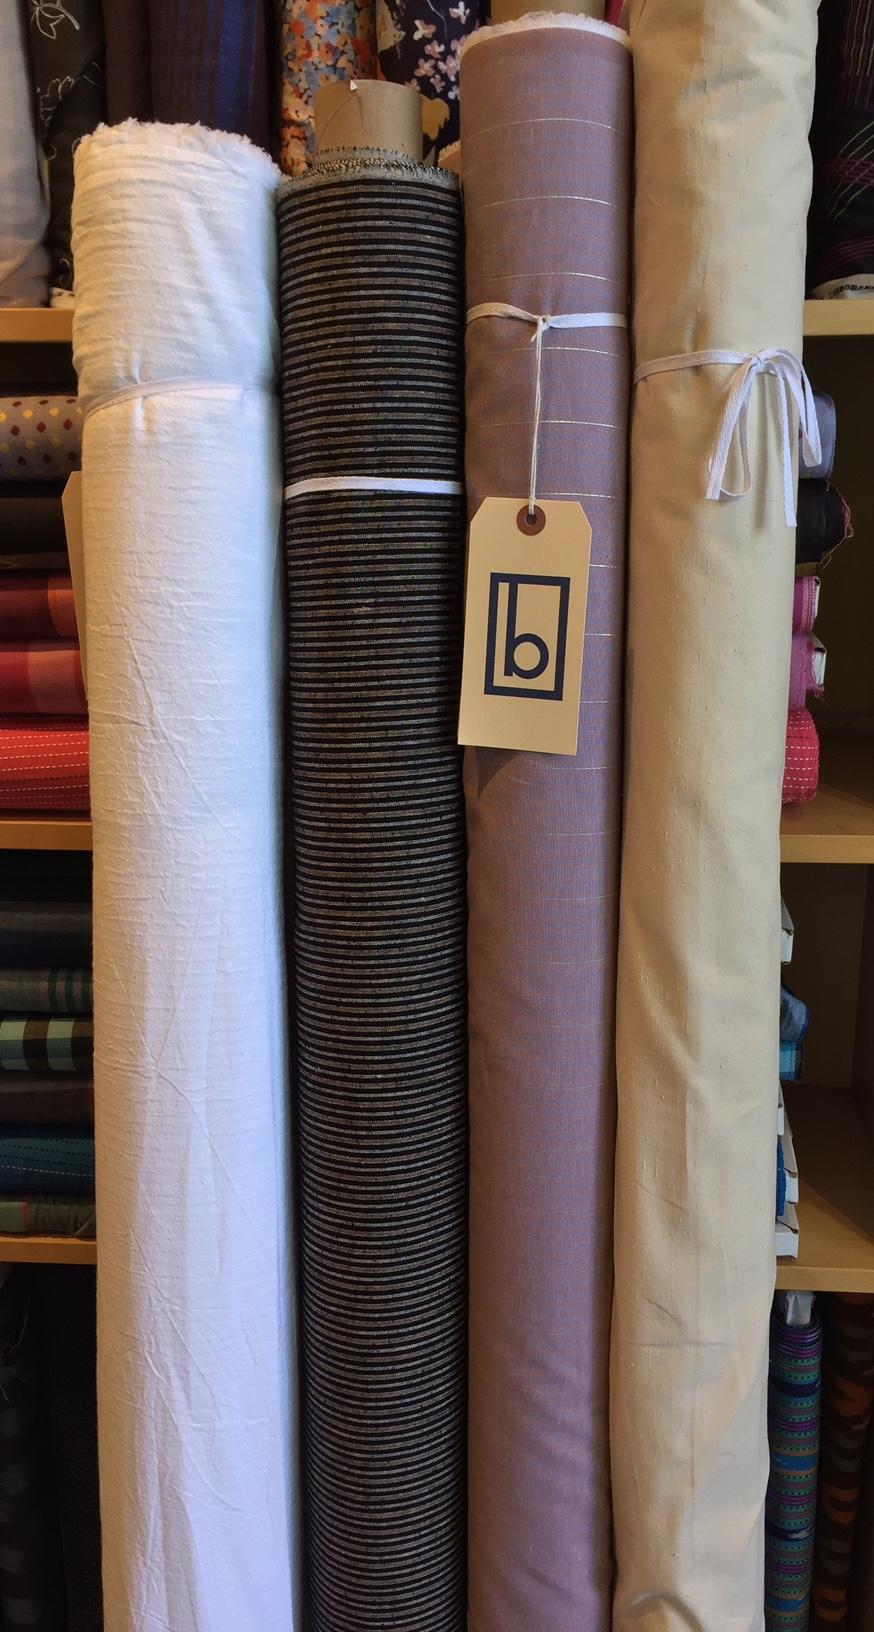 (L to R): light weight cotton subtle stripe, linen blend dark stripe, cotton stripe with metallic accent, cotton slub solid